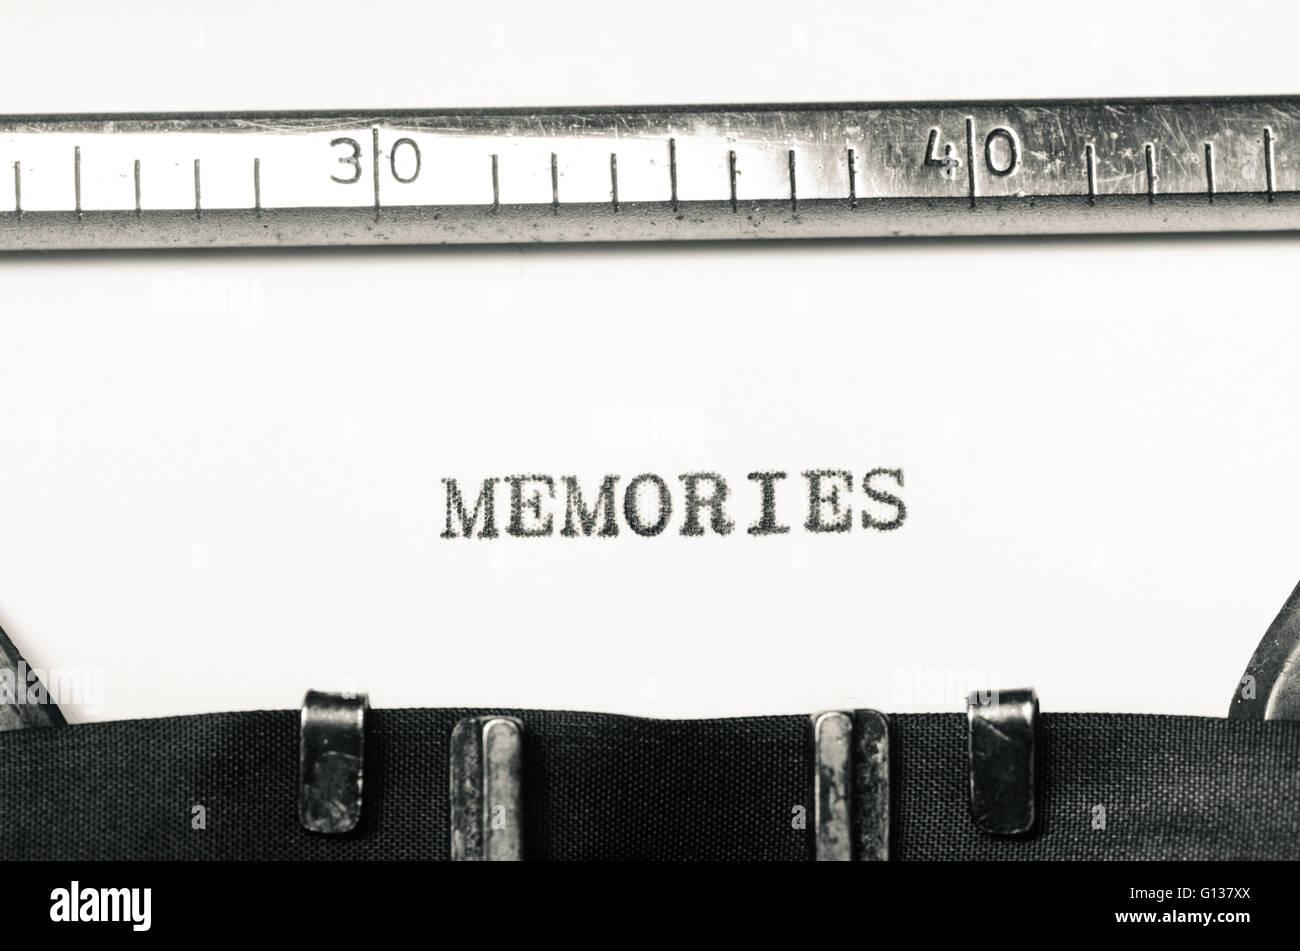 word memories  typed on an old typewriter - Stock Image